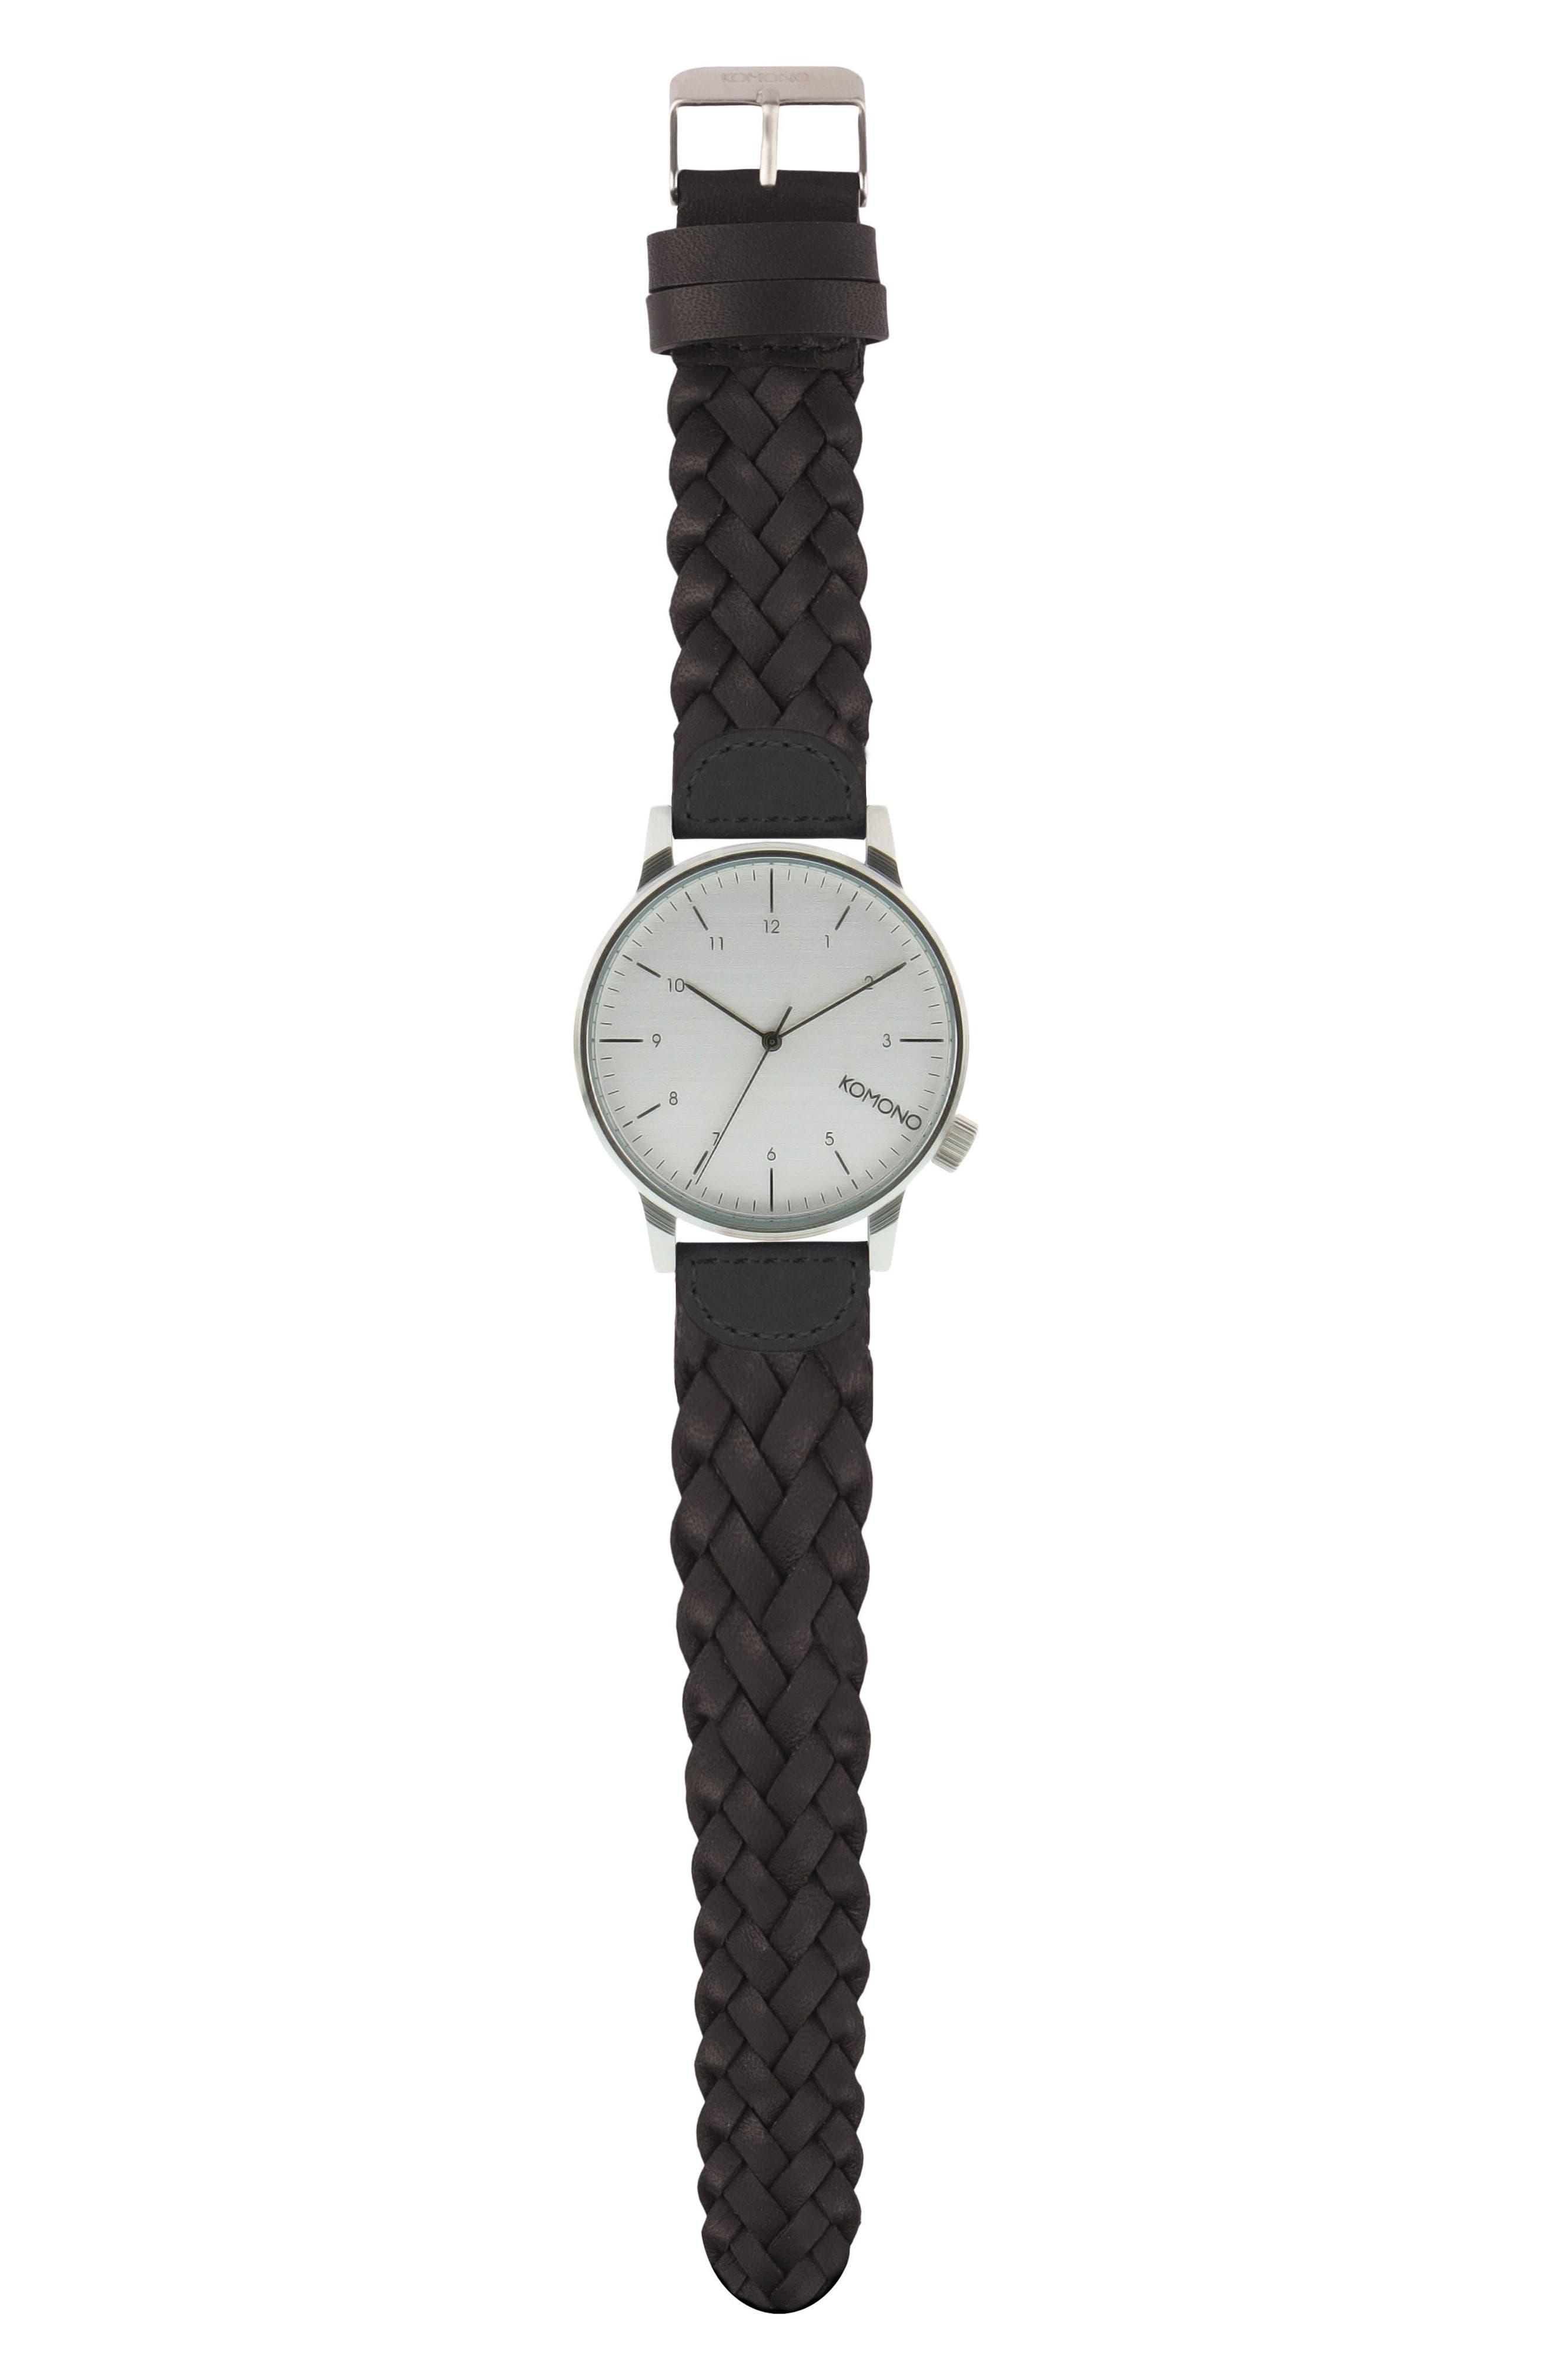 Main Image - Komono Winston Woven Leather Strap Watch, 41mm